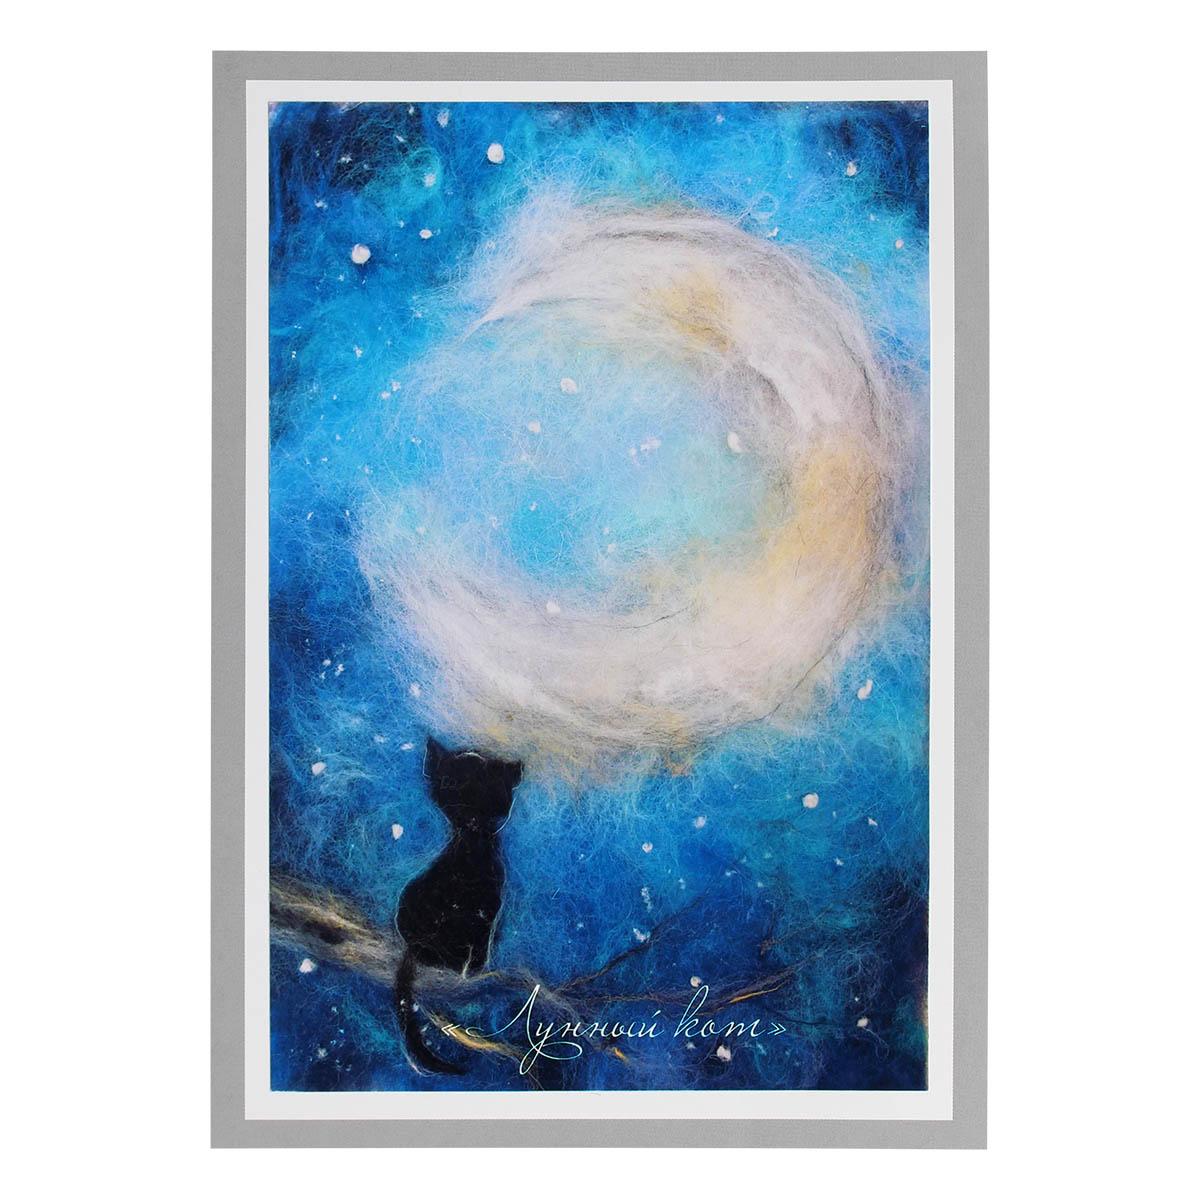 Набор для валяния (живопись цветной шерстью) 'Лунный кот' 21x29,7см (А4)